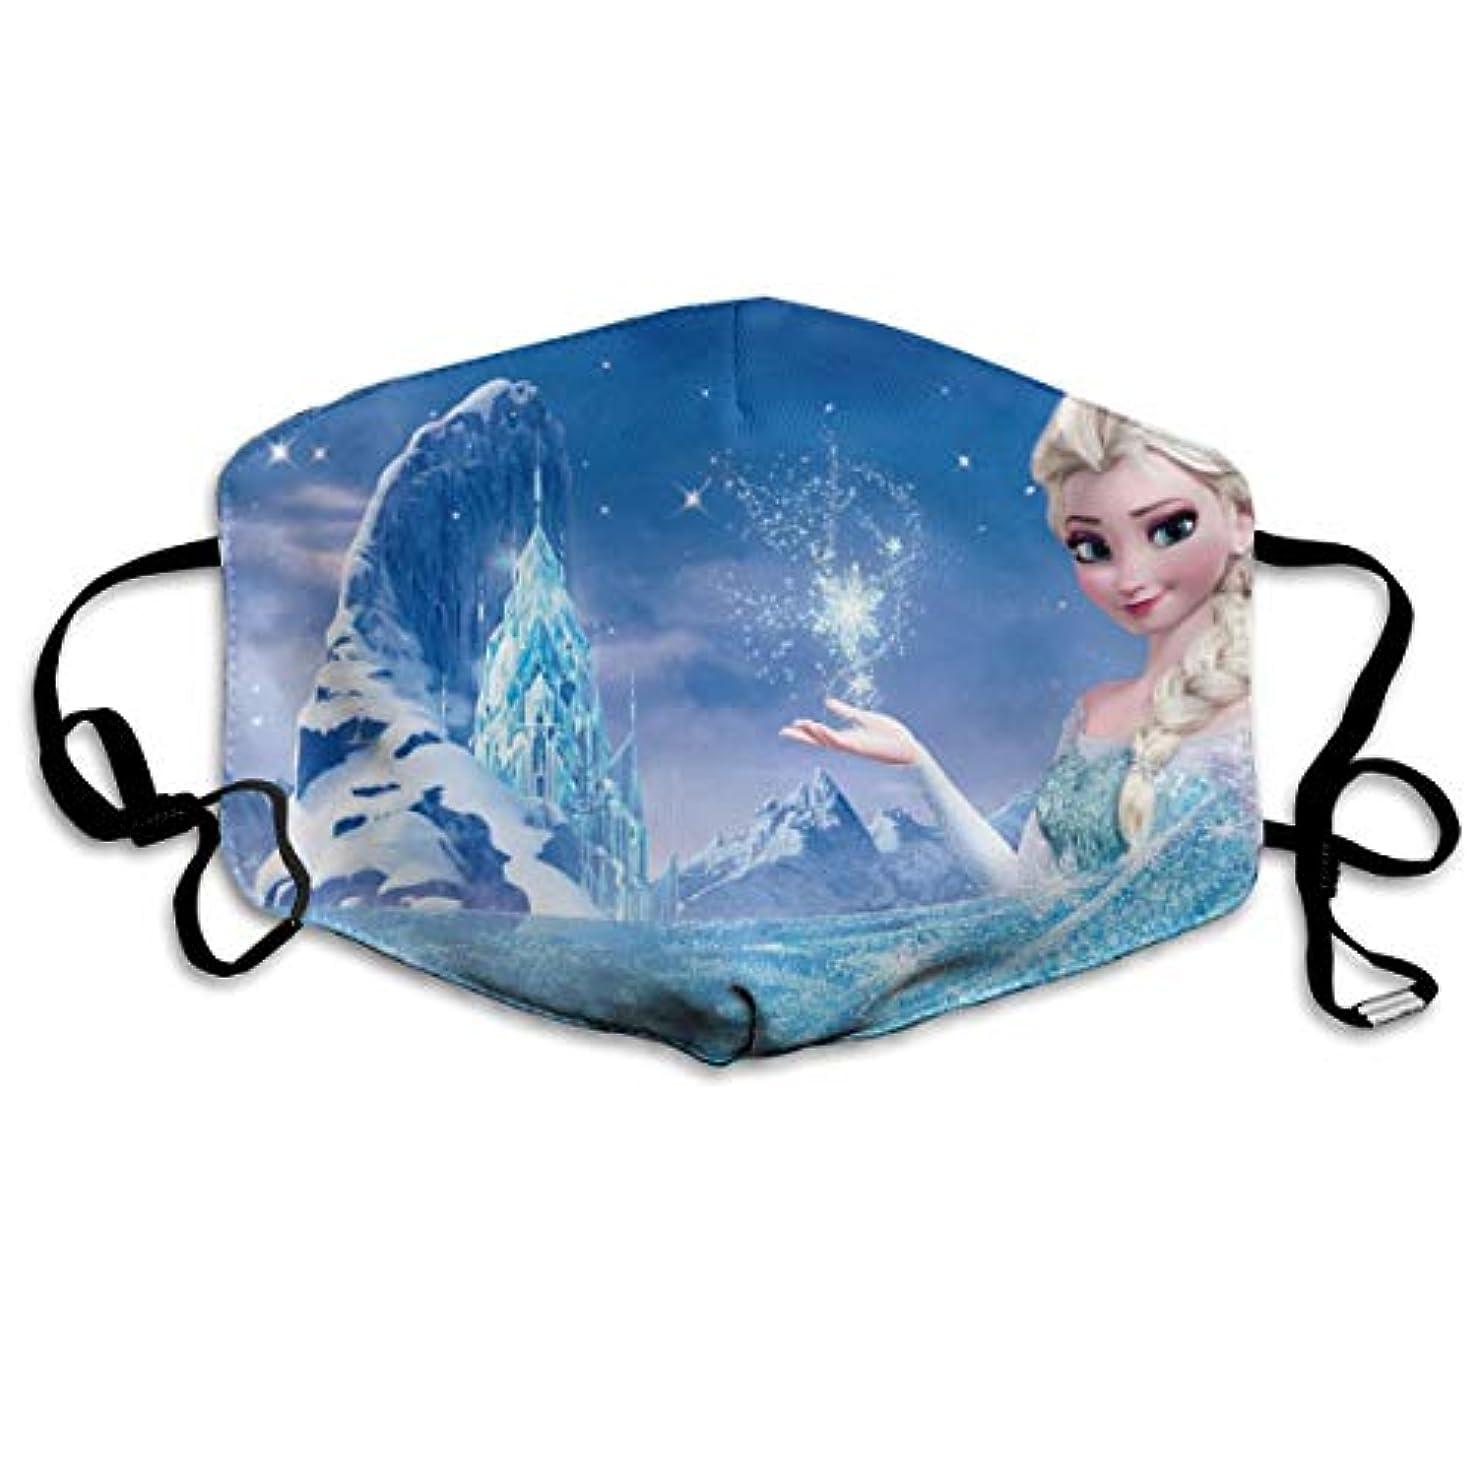 概要和解する靴下マスク アナと雪の女王1 立体構造マスク ファッションスタイル マスク さわやかマスク マスク 肌荒れしない 風邪対応風邪予防 男女兼用